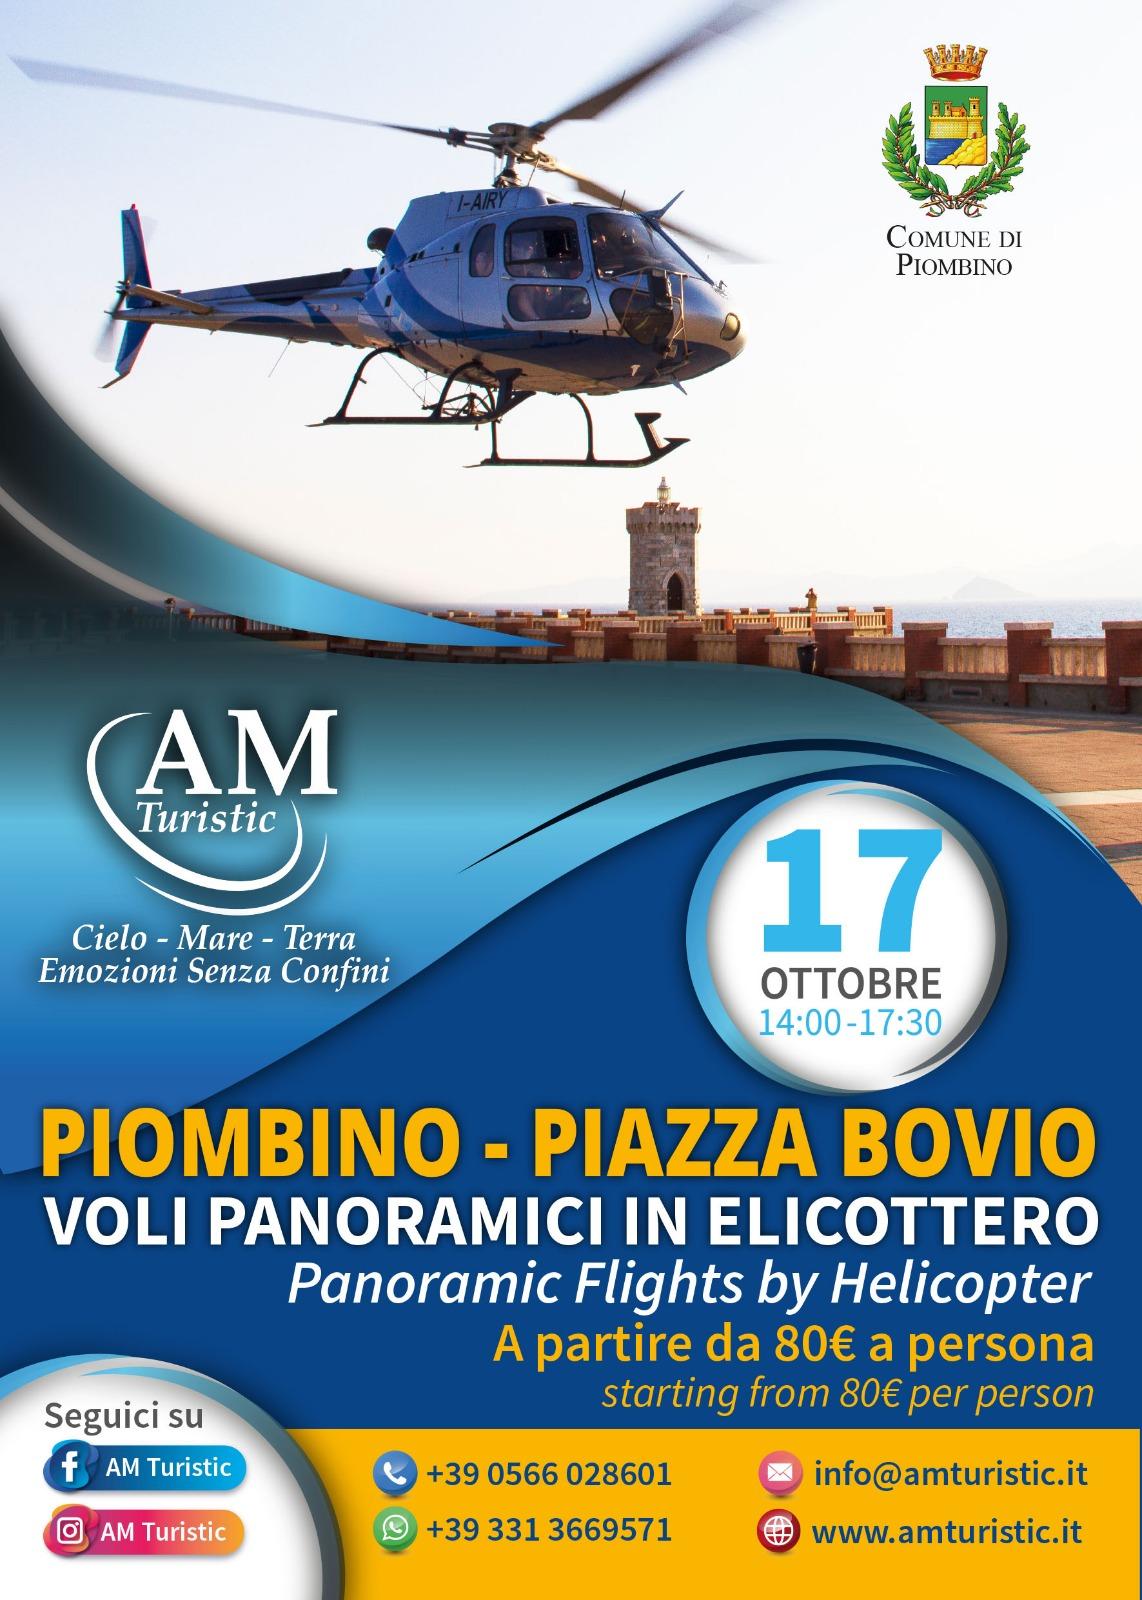 Torna l'elicottero in piazza Bovio